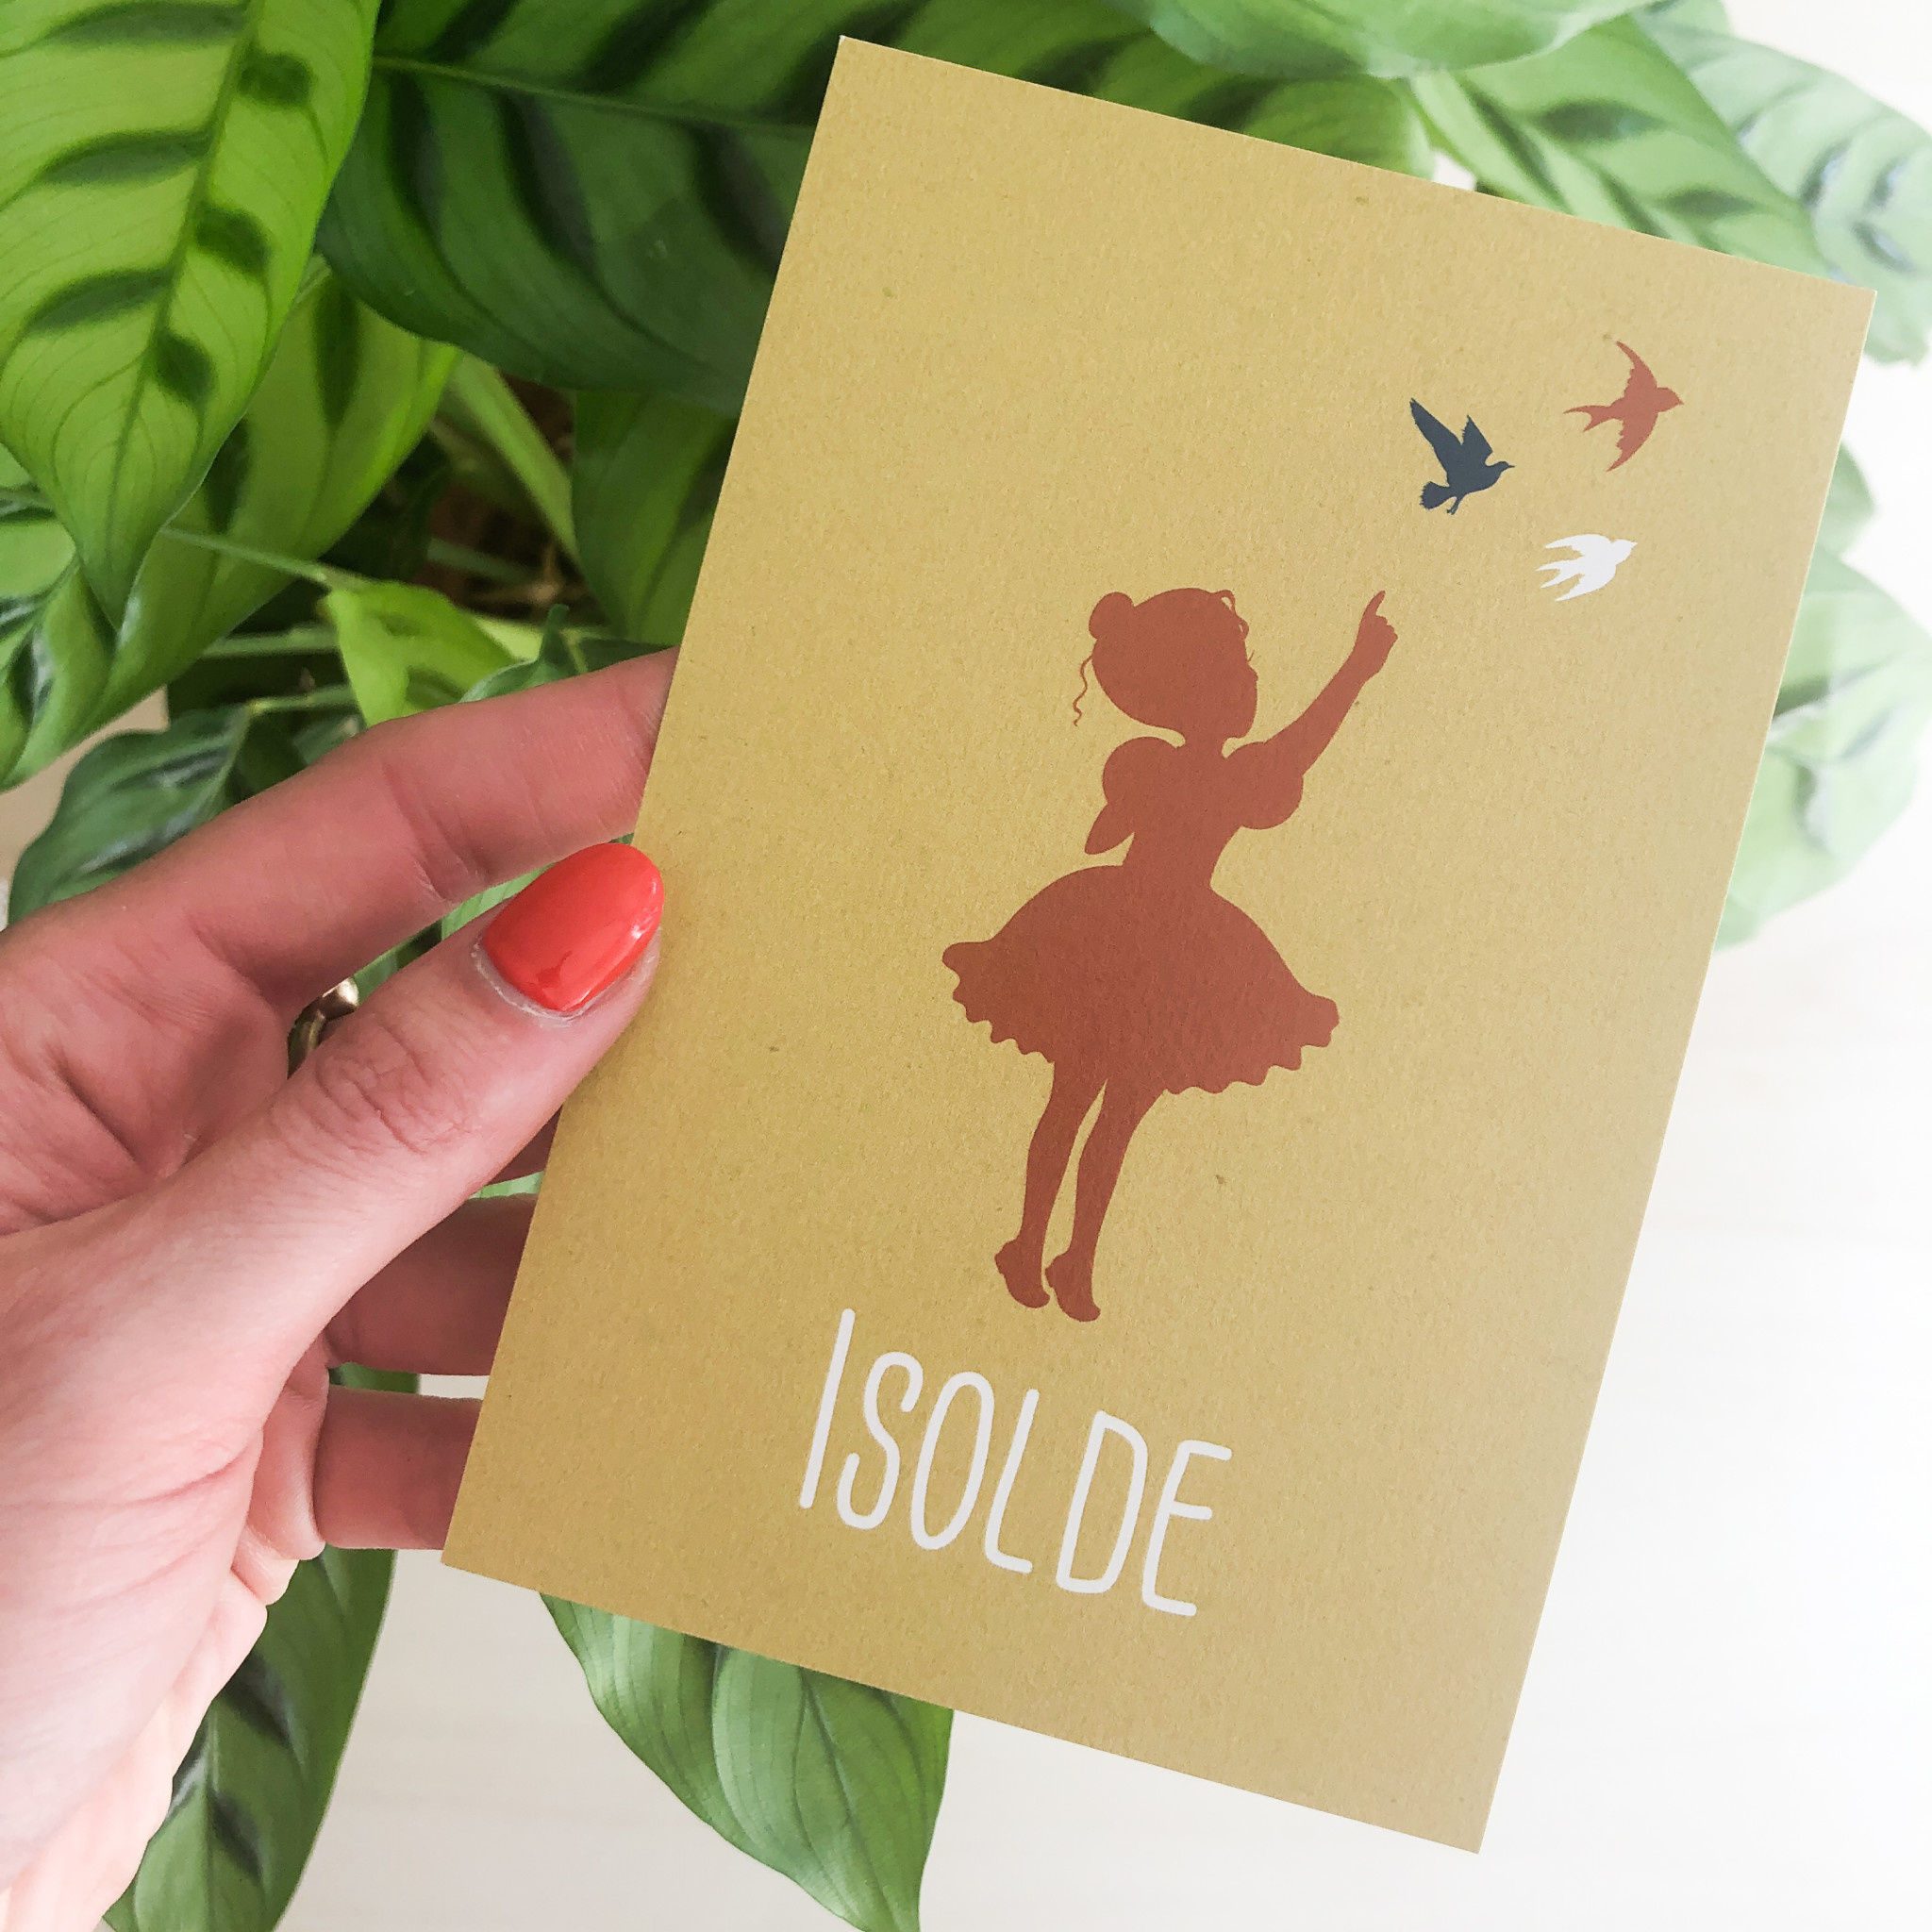 geboren - 05-09 Isolde